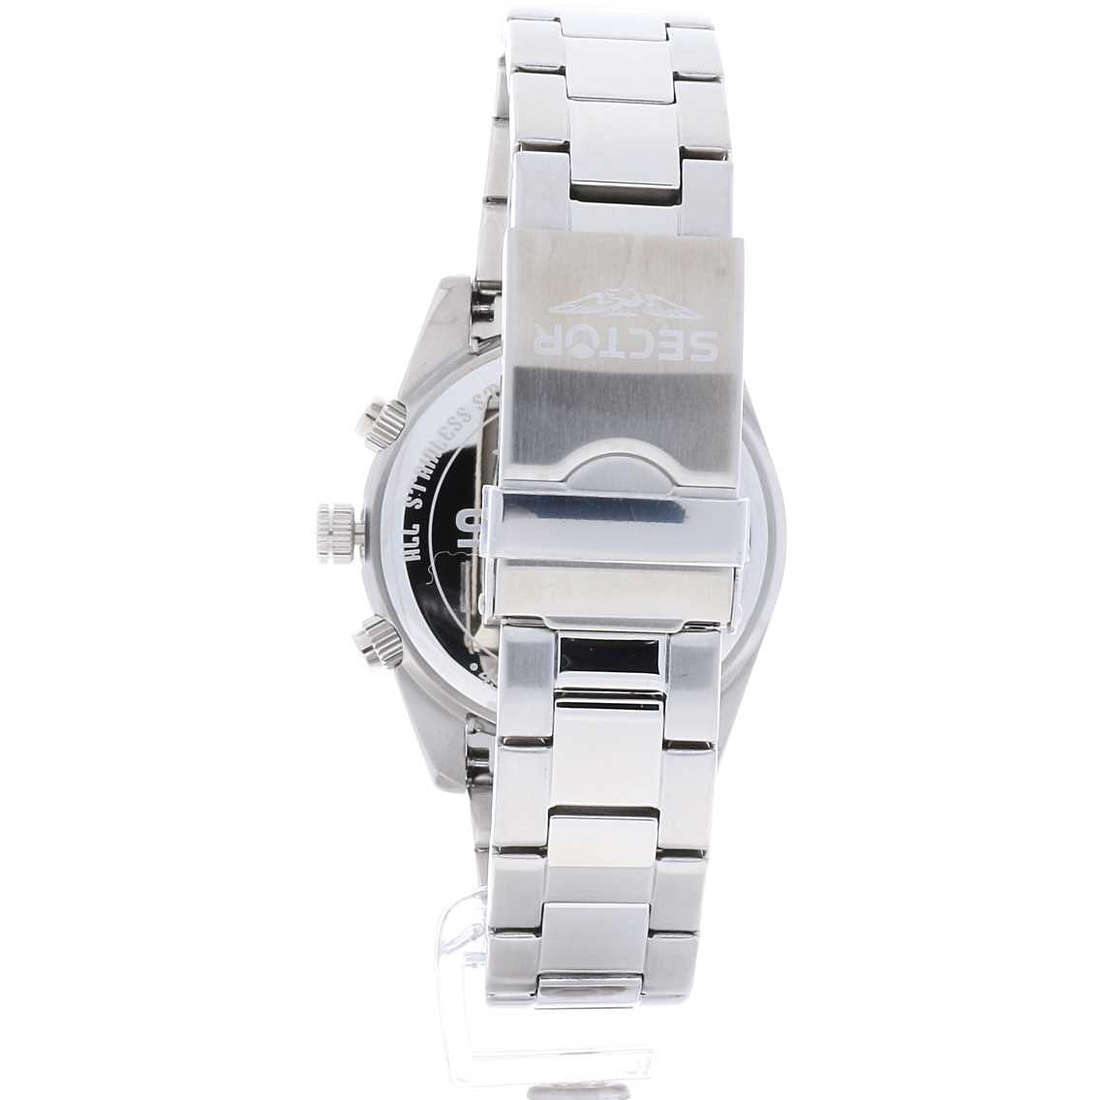 nouvelles montres homme Sector R3273676003